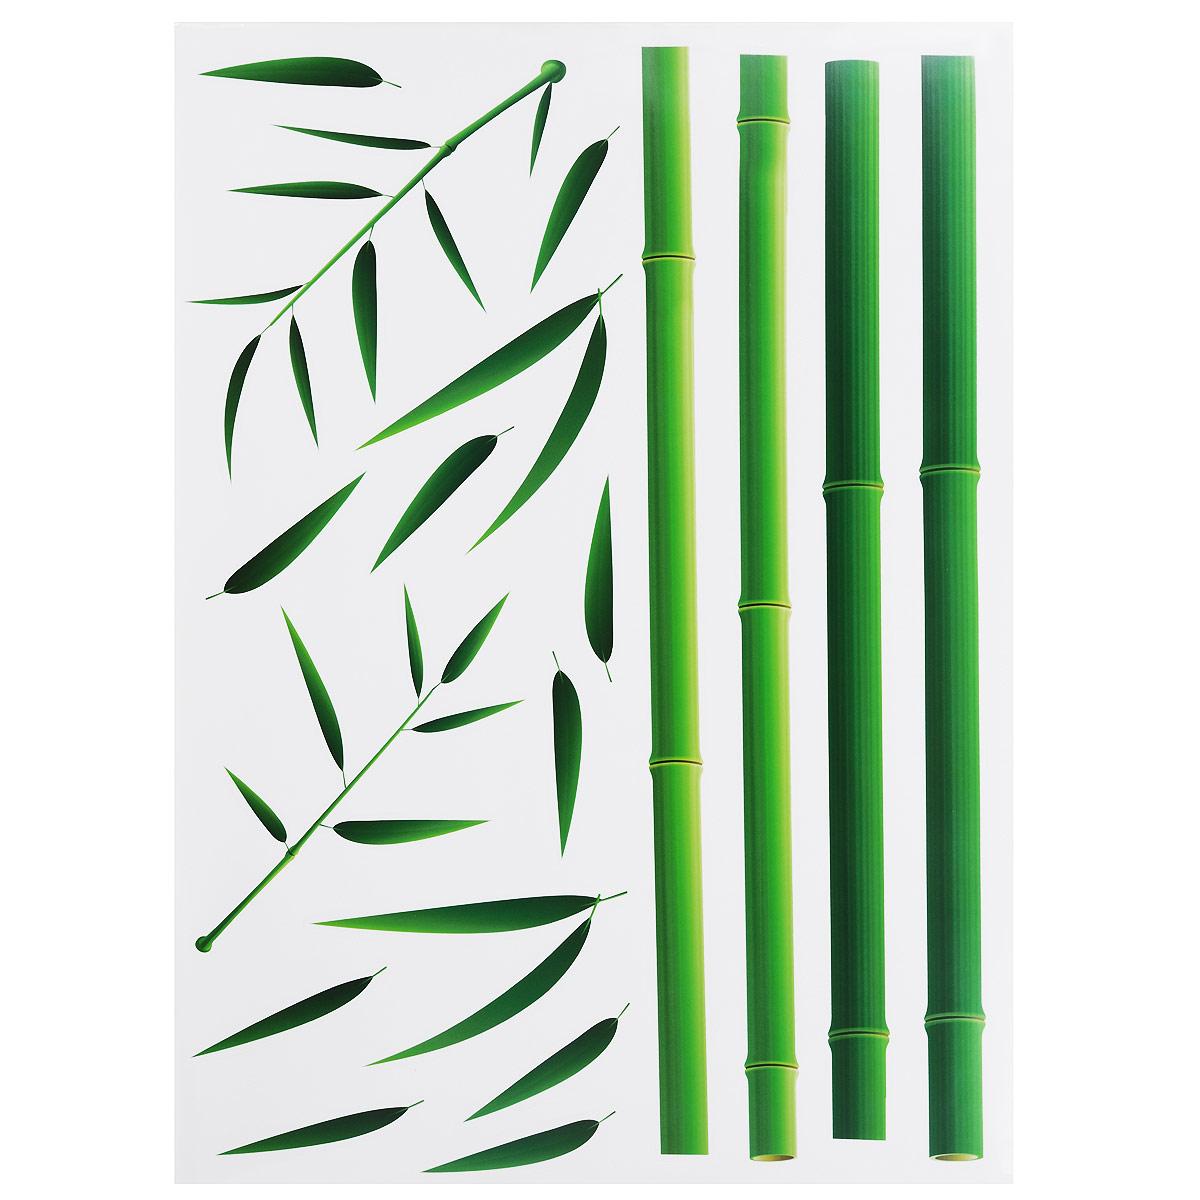 Наклейки для интерьера Стрекоза Бамбук, 48 см х 65 см, 2 шт. HD-00533418Наклейки для стен и предметов интерьера Стрекоза Бамбук, изготовленные из экологически безопасной самоклеящейся пленки - это удивительно простой и быстрый способ оживить интерьер помещения. На каждом из двух листов расположены наклейки в виде ствола и листьев бамбука, которые собираются из нескольких деталей. Интерьерные наклейки дадут вам вдохновение, которое изменит вашу жизнь и поможет погрузиться в мир красок, фантазий и творчества. Для вас открываются безграничные возможности придумать оригинальный дизайн и придать новый вид стенам и мебели. Наклейки абсолютно безопасны для здоровья. Они быстро и легко наклеиваются на любые ровные поверхности: стены, окна, двери, кафельную плитку, виниловые и флизелиновые обои, стекла, мебель. При необходимости удобно снимаются, не оставляют следов и не повреждают поверхность (кроме бумажных обоев). Наклейки Стрекоза Бамбук помогут вам изменить интерьер вокруг себя: в детской комнате и гостиной, на кухне и в прихожей,...